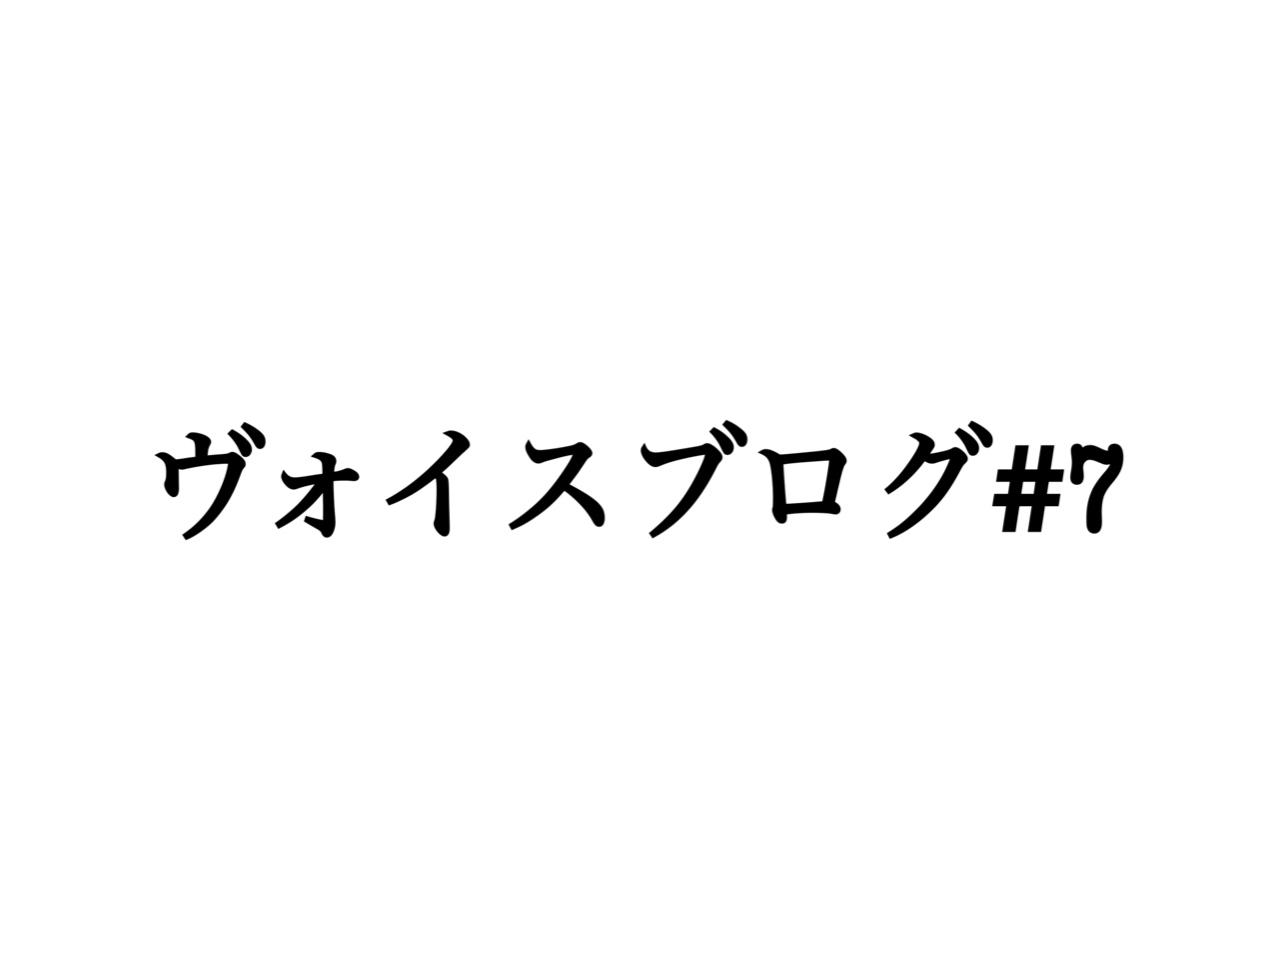 ヴォイスブログ#7